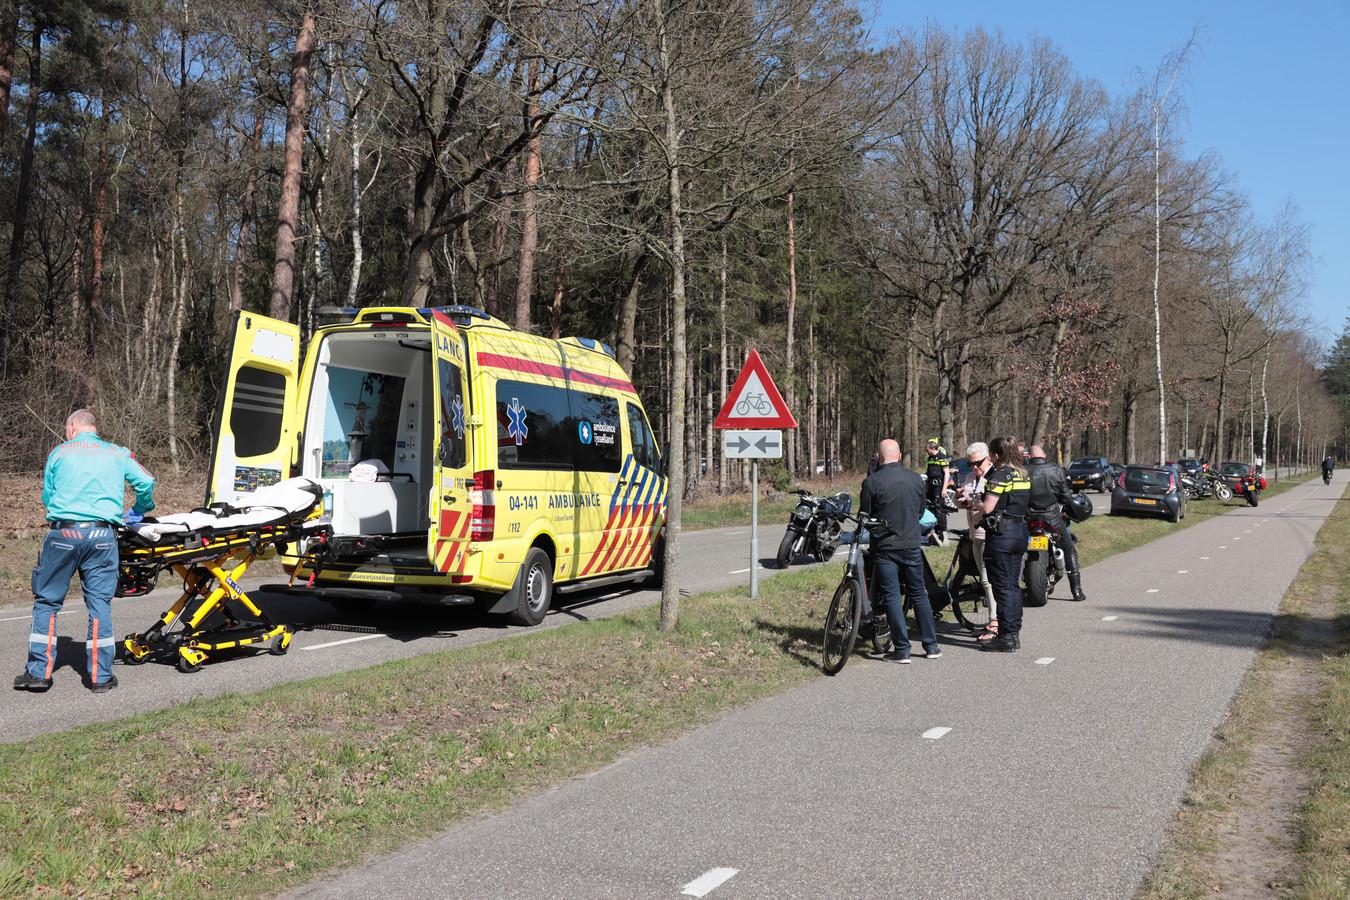 In de buurt van Ommen kwam een motorrijdster ten val, waarna de weg werd afgesloten en grote groepen motorrijders rechtsomkeert moesten maken.